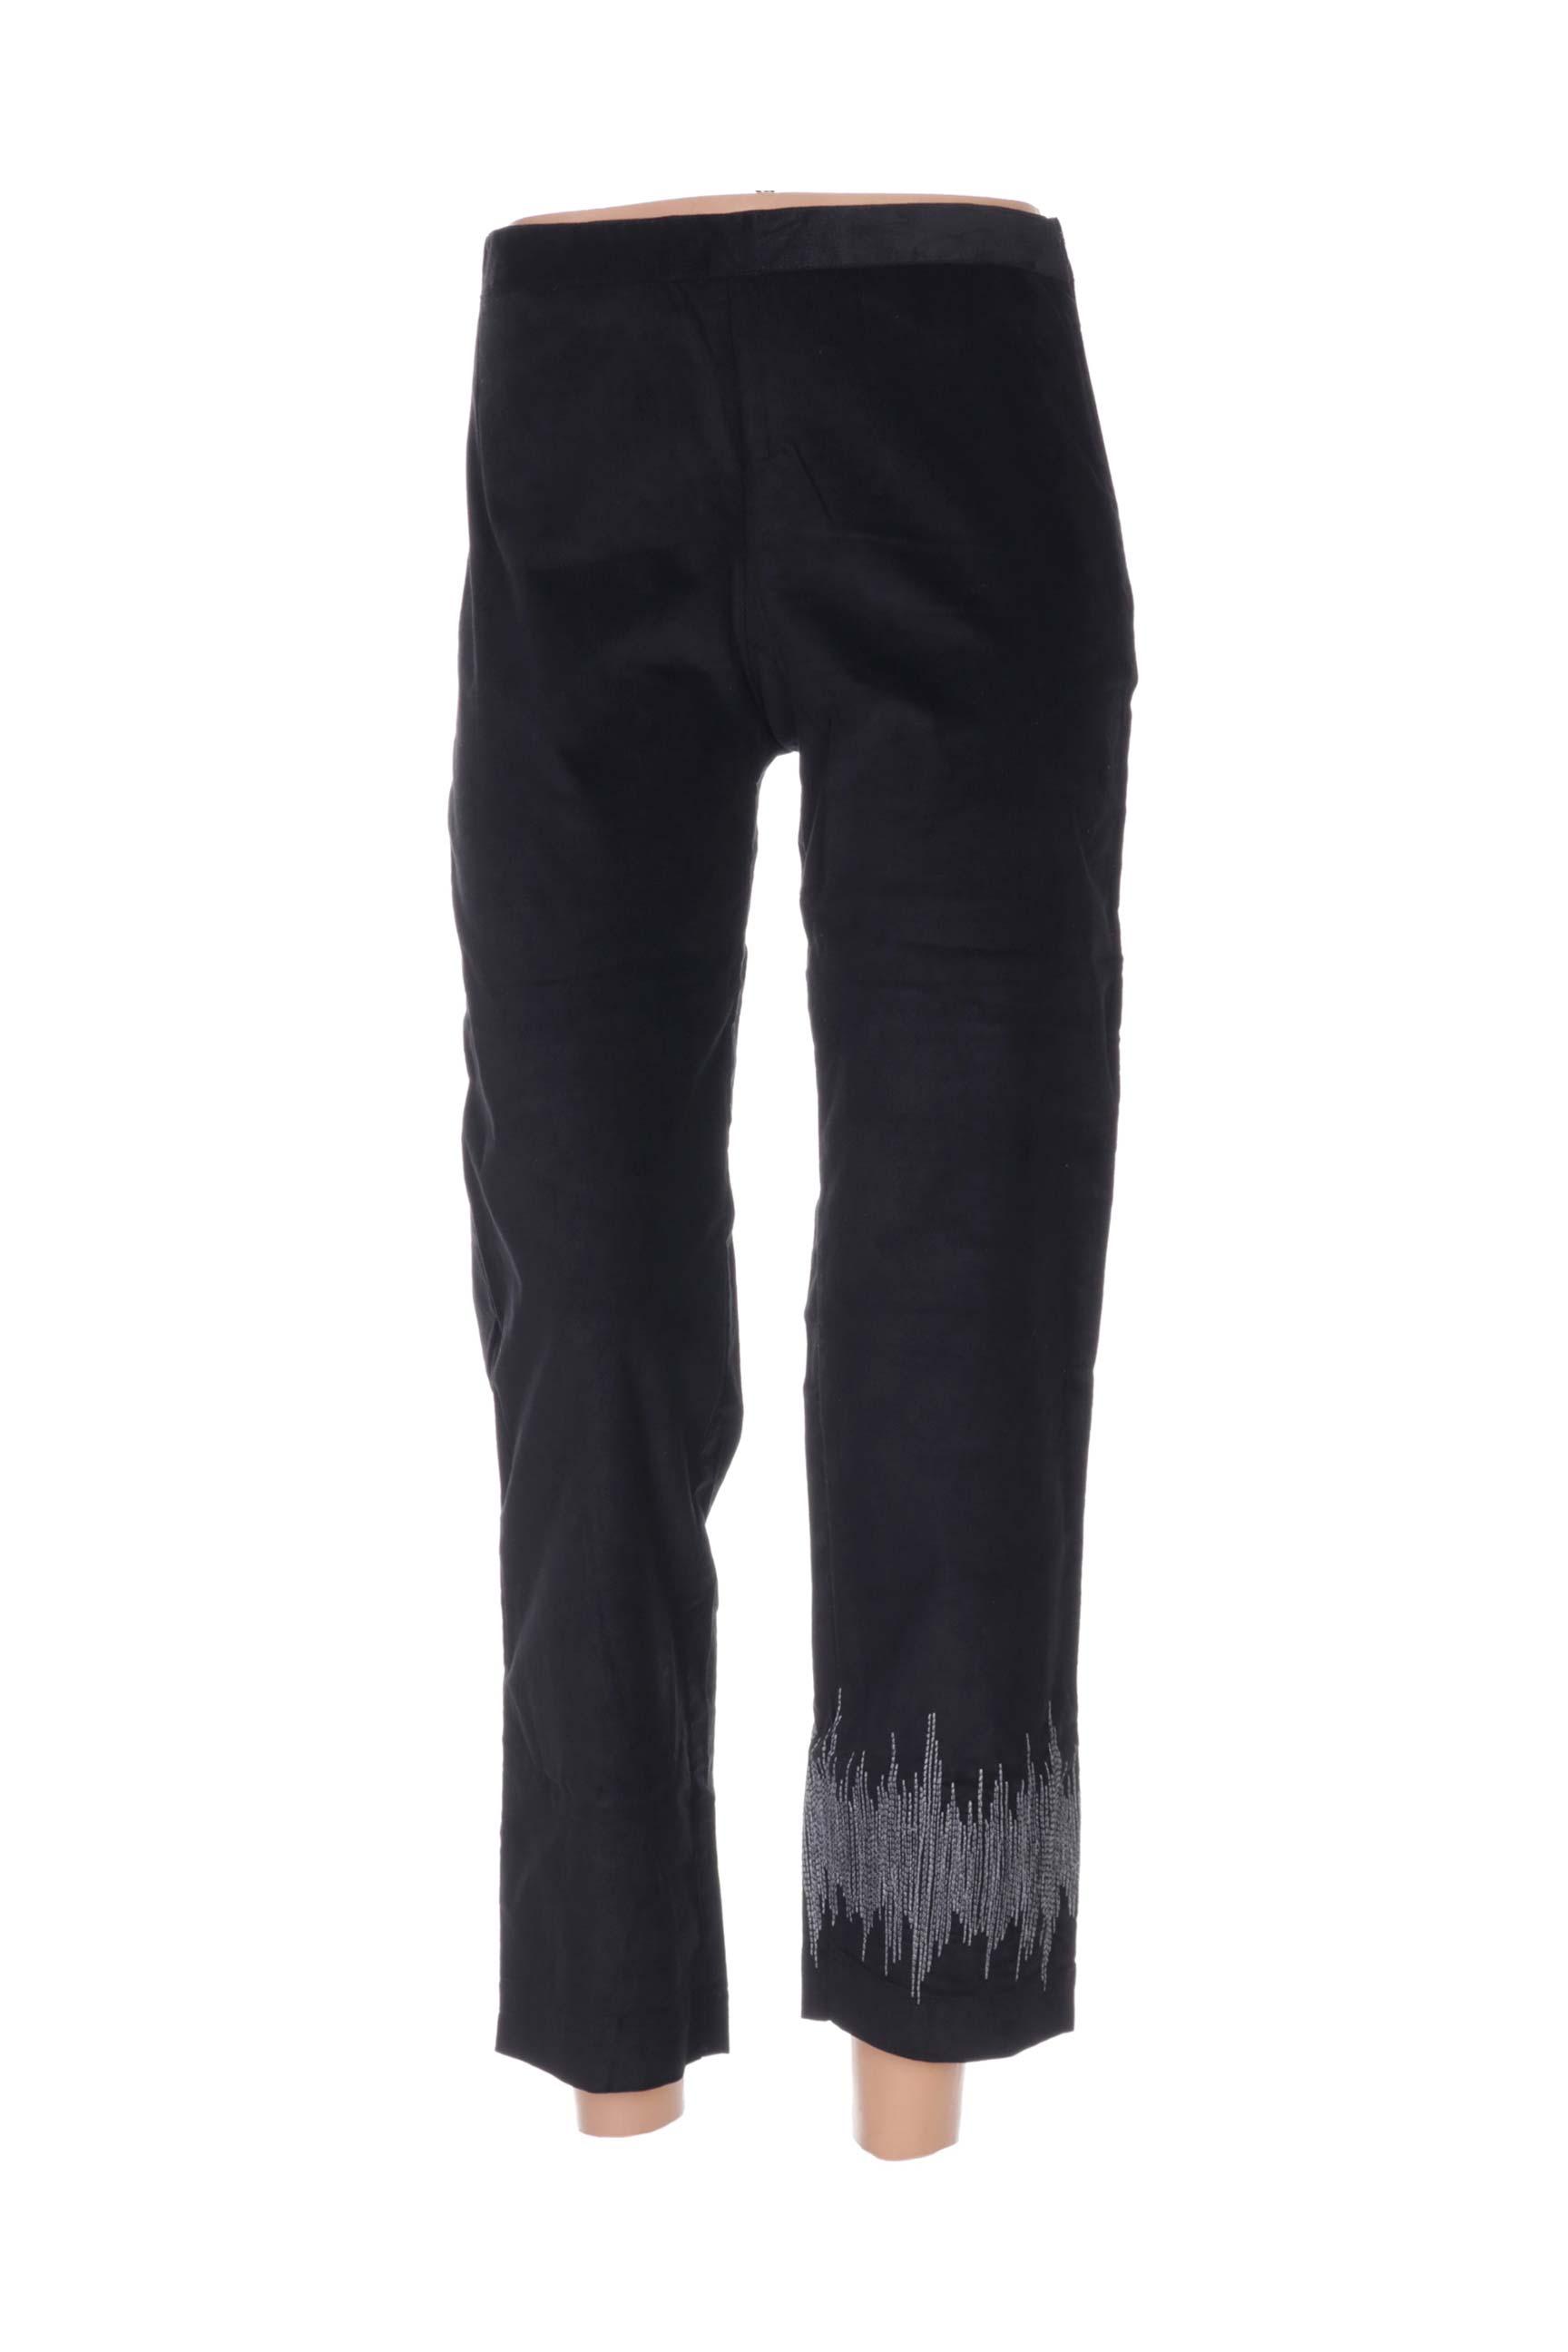 Pantalon 7/8 femme Nid D'abeille noir taille : 38 40 FR (FR)